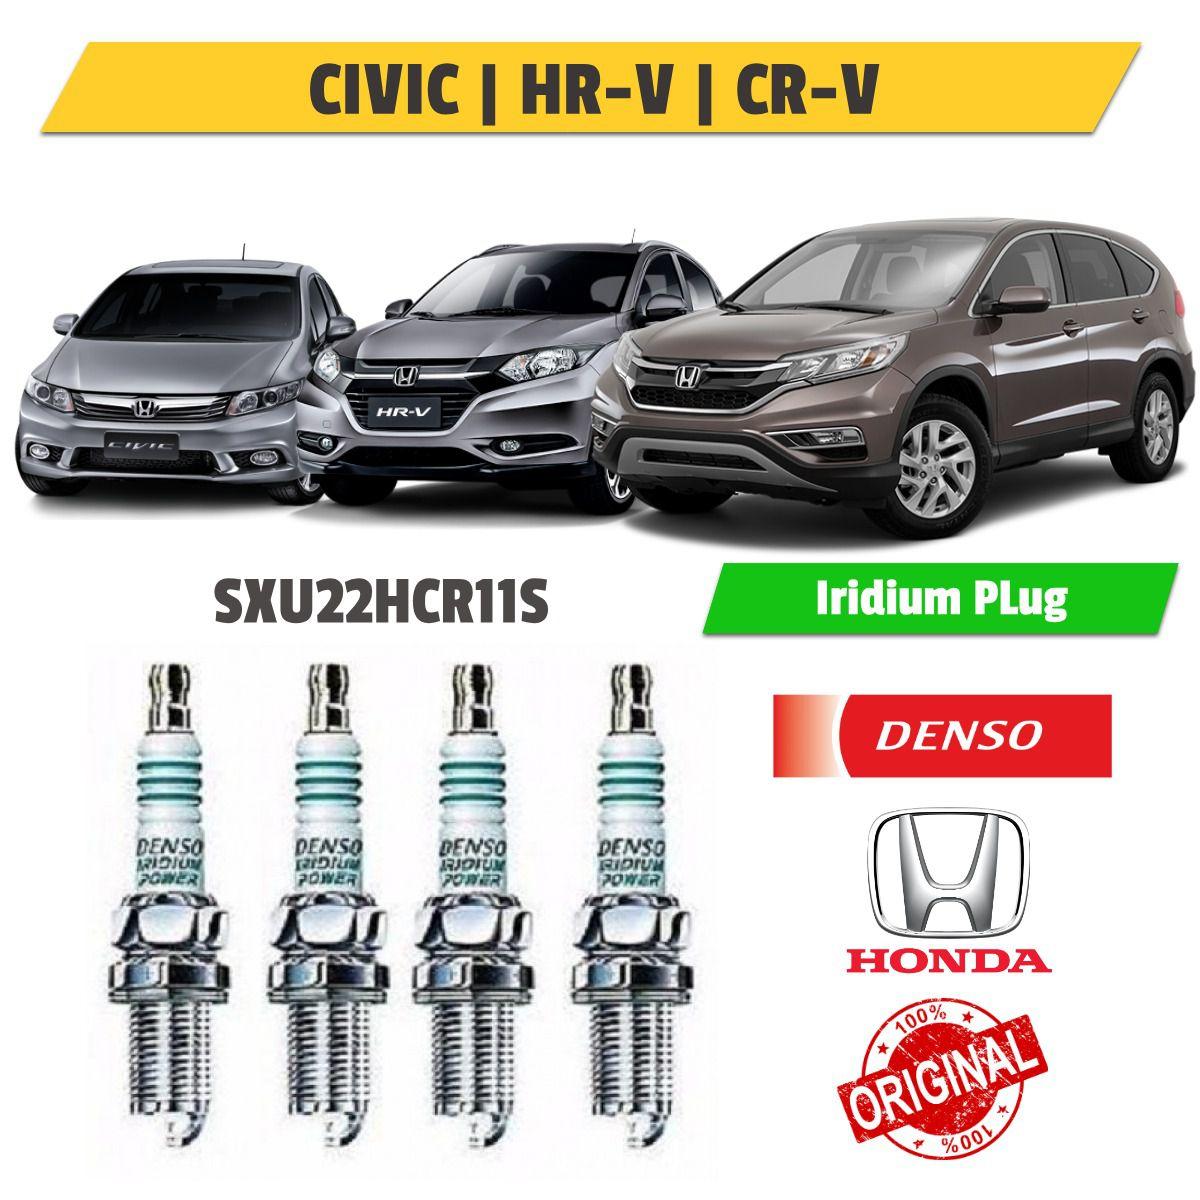 Kit 4 Velas Iridium Honda Civic, hr-v e Cr-v sxu22hcr11s - Denso